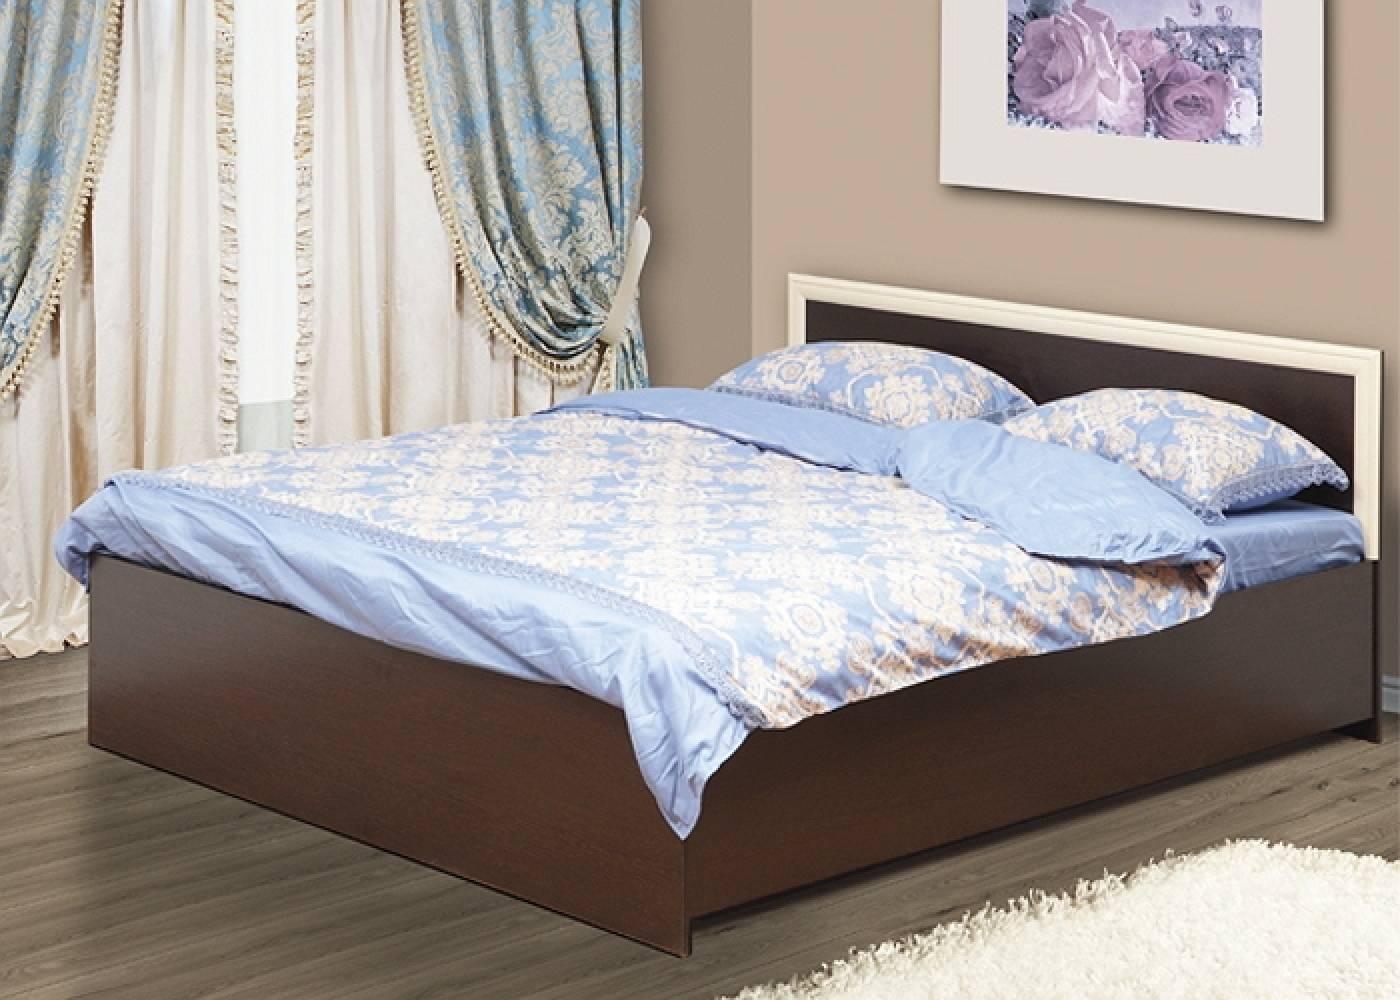 Кровать 1600 с откидным механизмом 21.53 (Венге/Дуб Линдберг) Олмеко